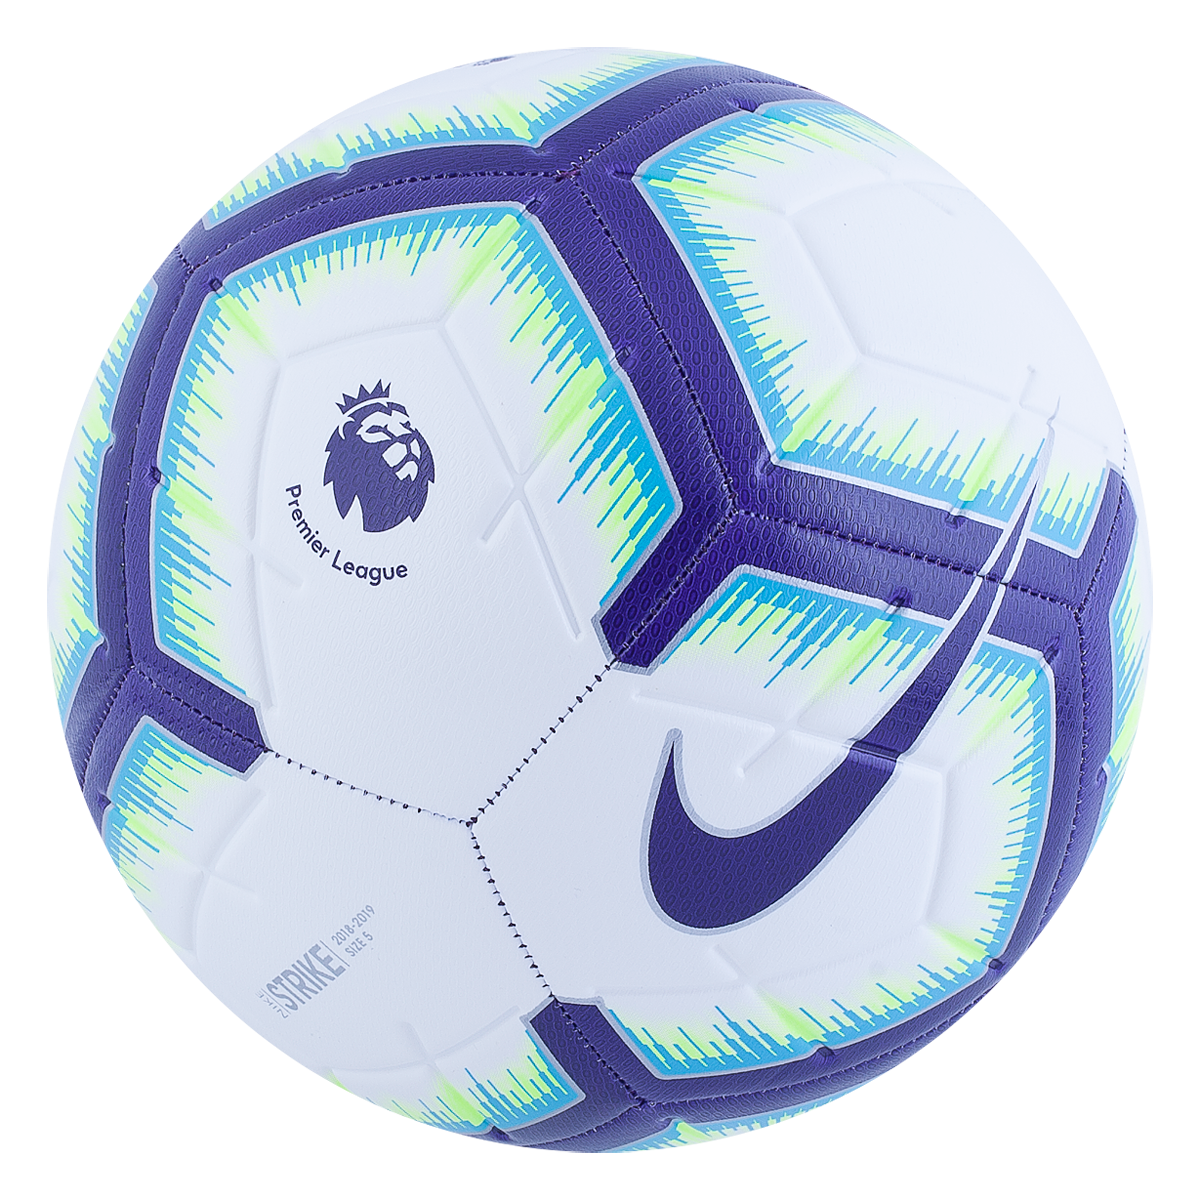 Nike Strike Premier League Soccer Ball 5 In 2020 Premier League Soccer Nike Soccer Ball Soccer